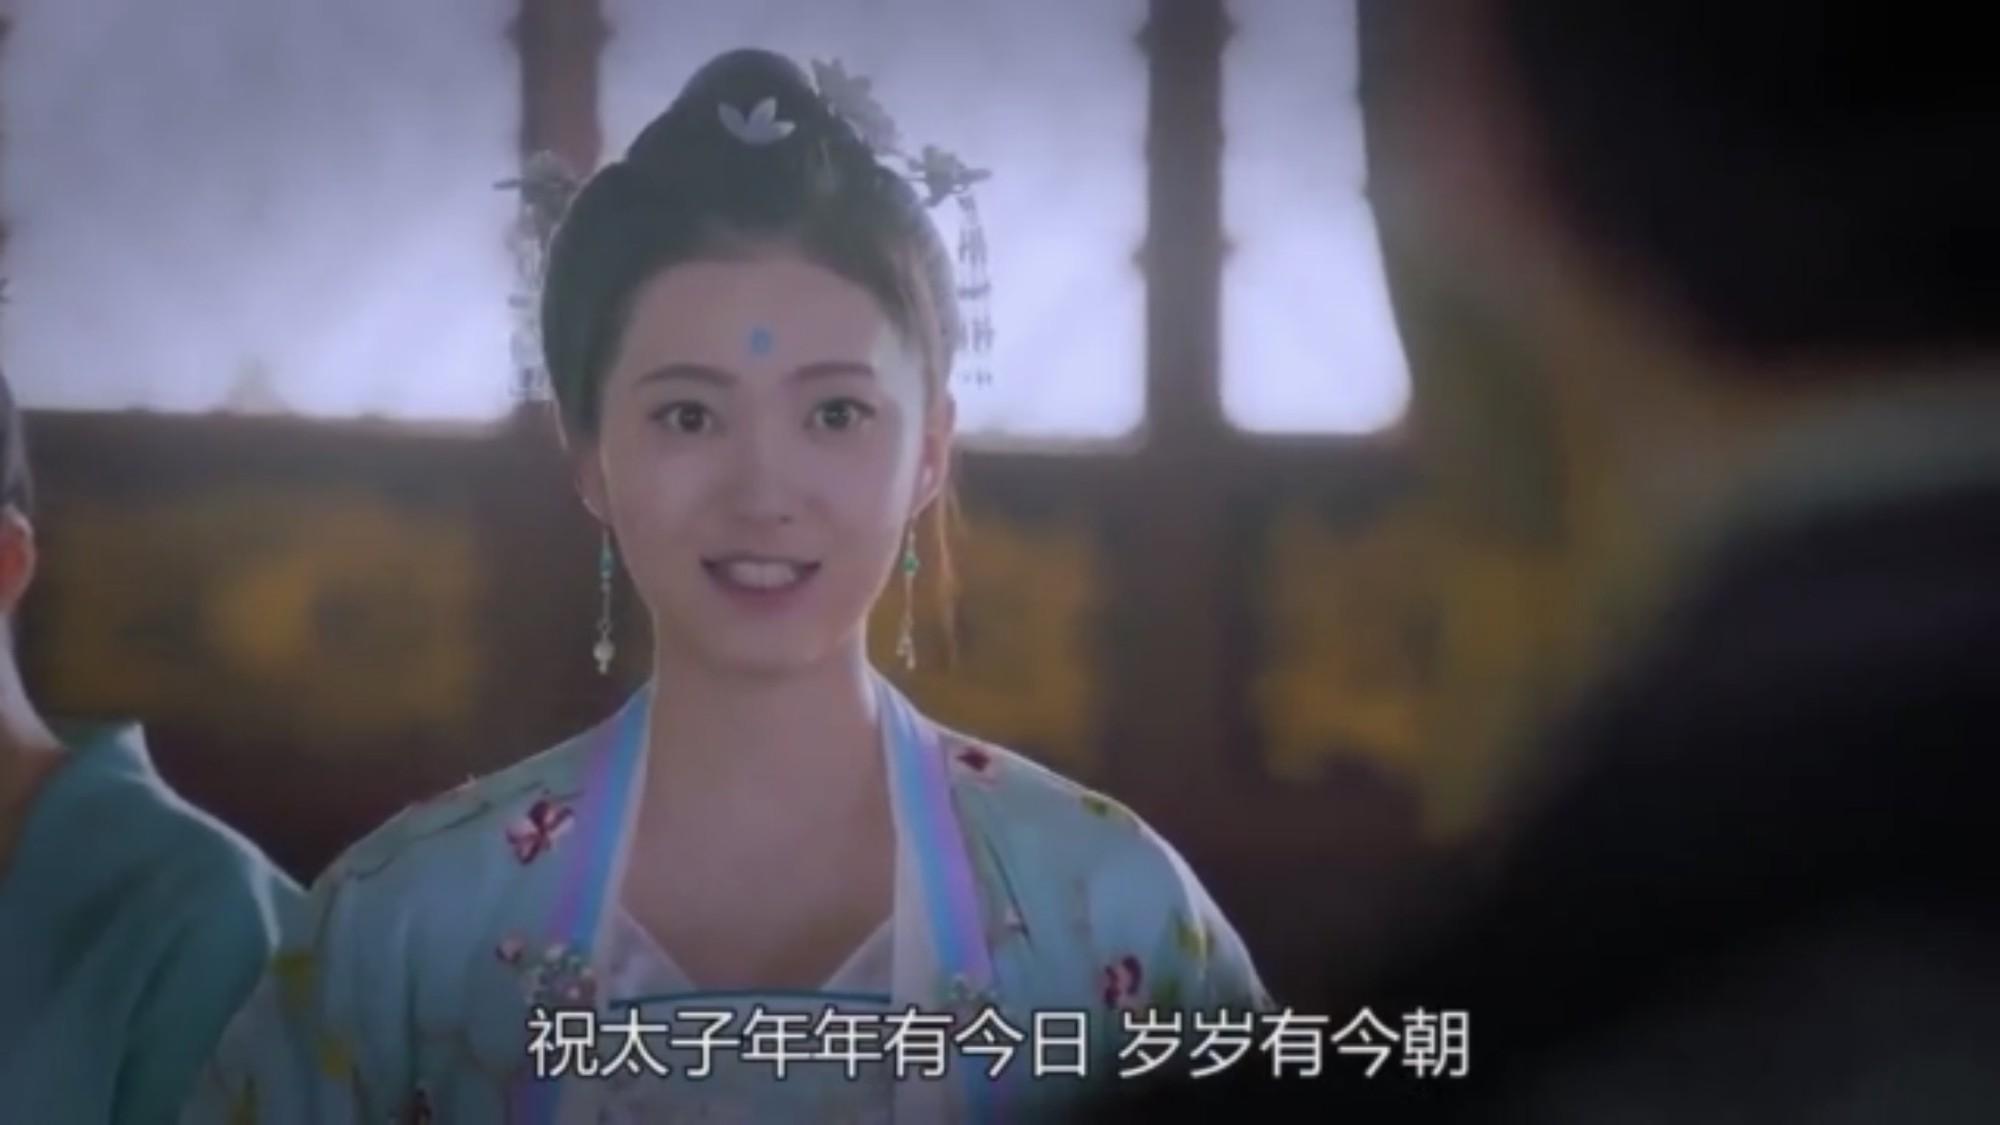 Sinh thần độc đáo nhất trong Đông Cung: Chủ tiệc sầu tơi tả, khách không mời lại hả hê - Ảnh 3.